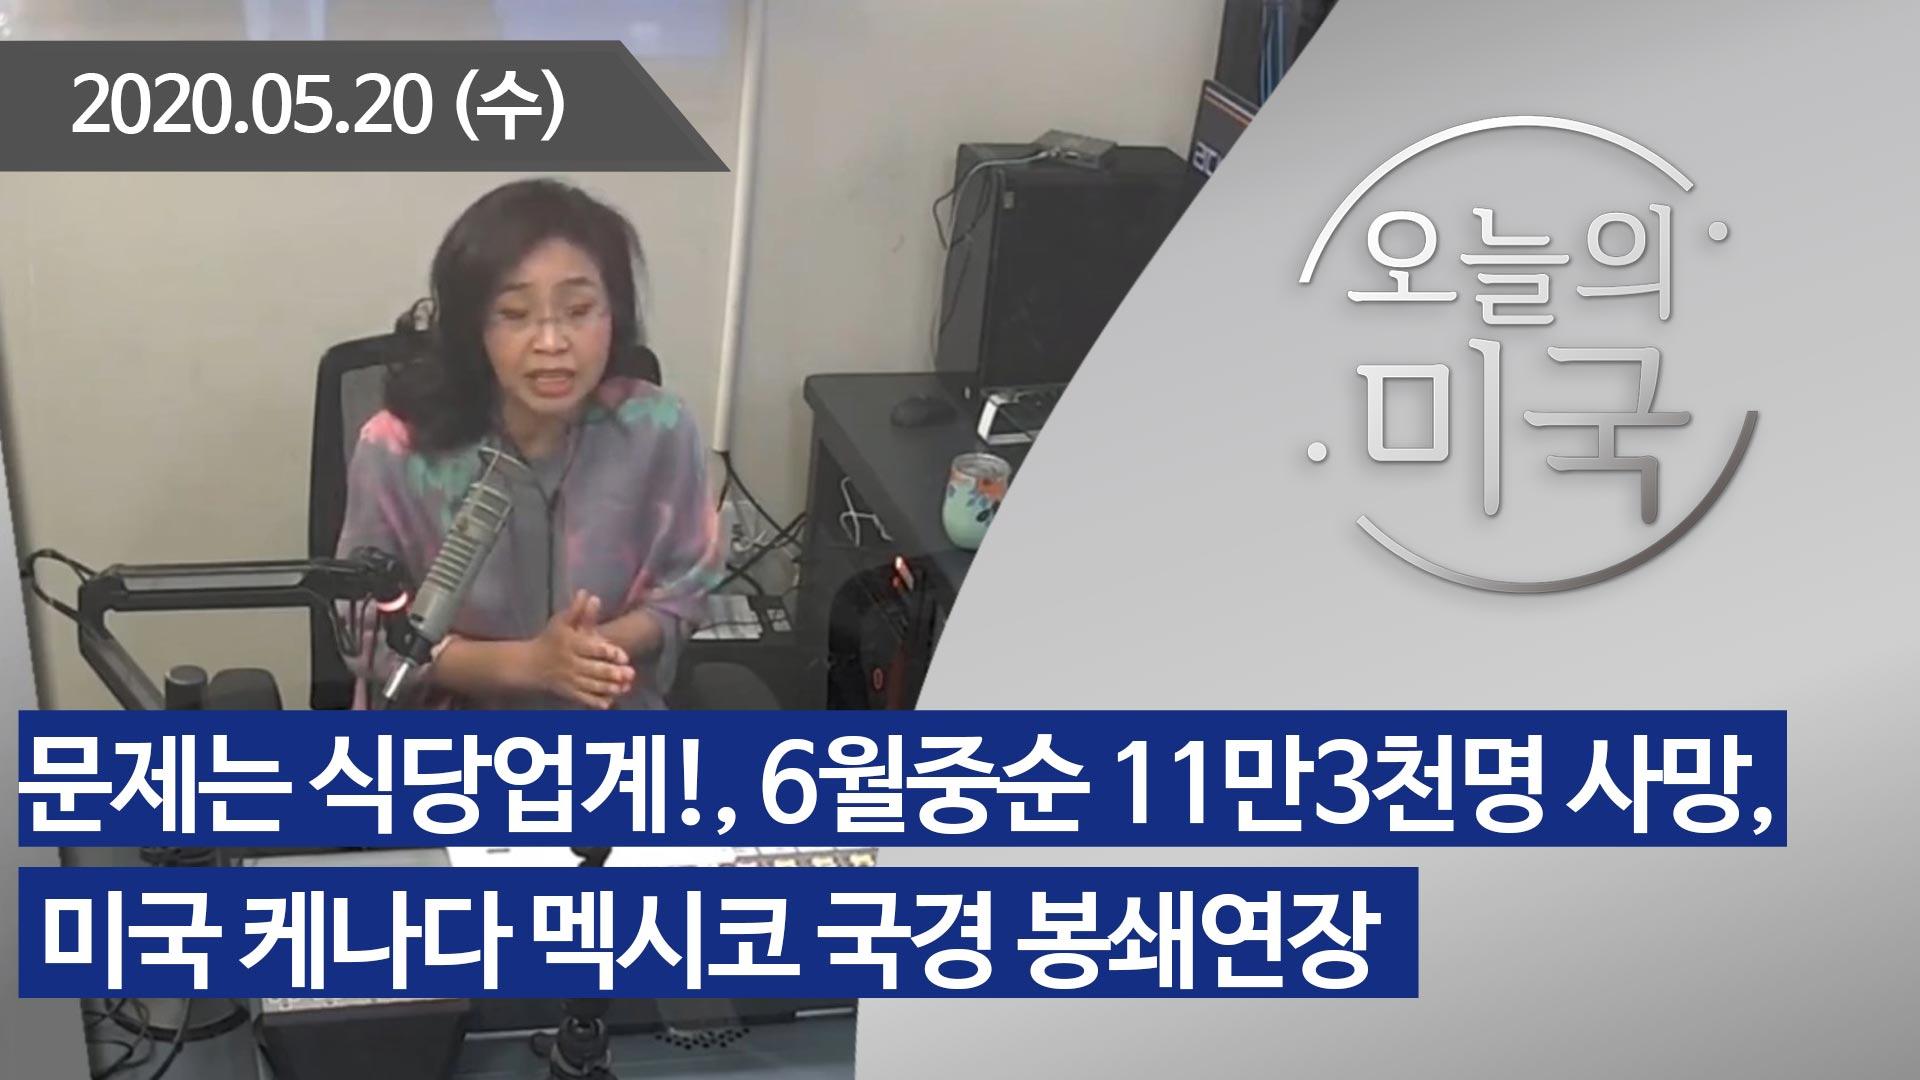 강혜신의 오늘의 미국 (05.20.2020)